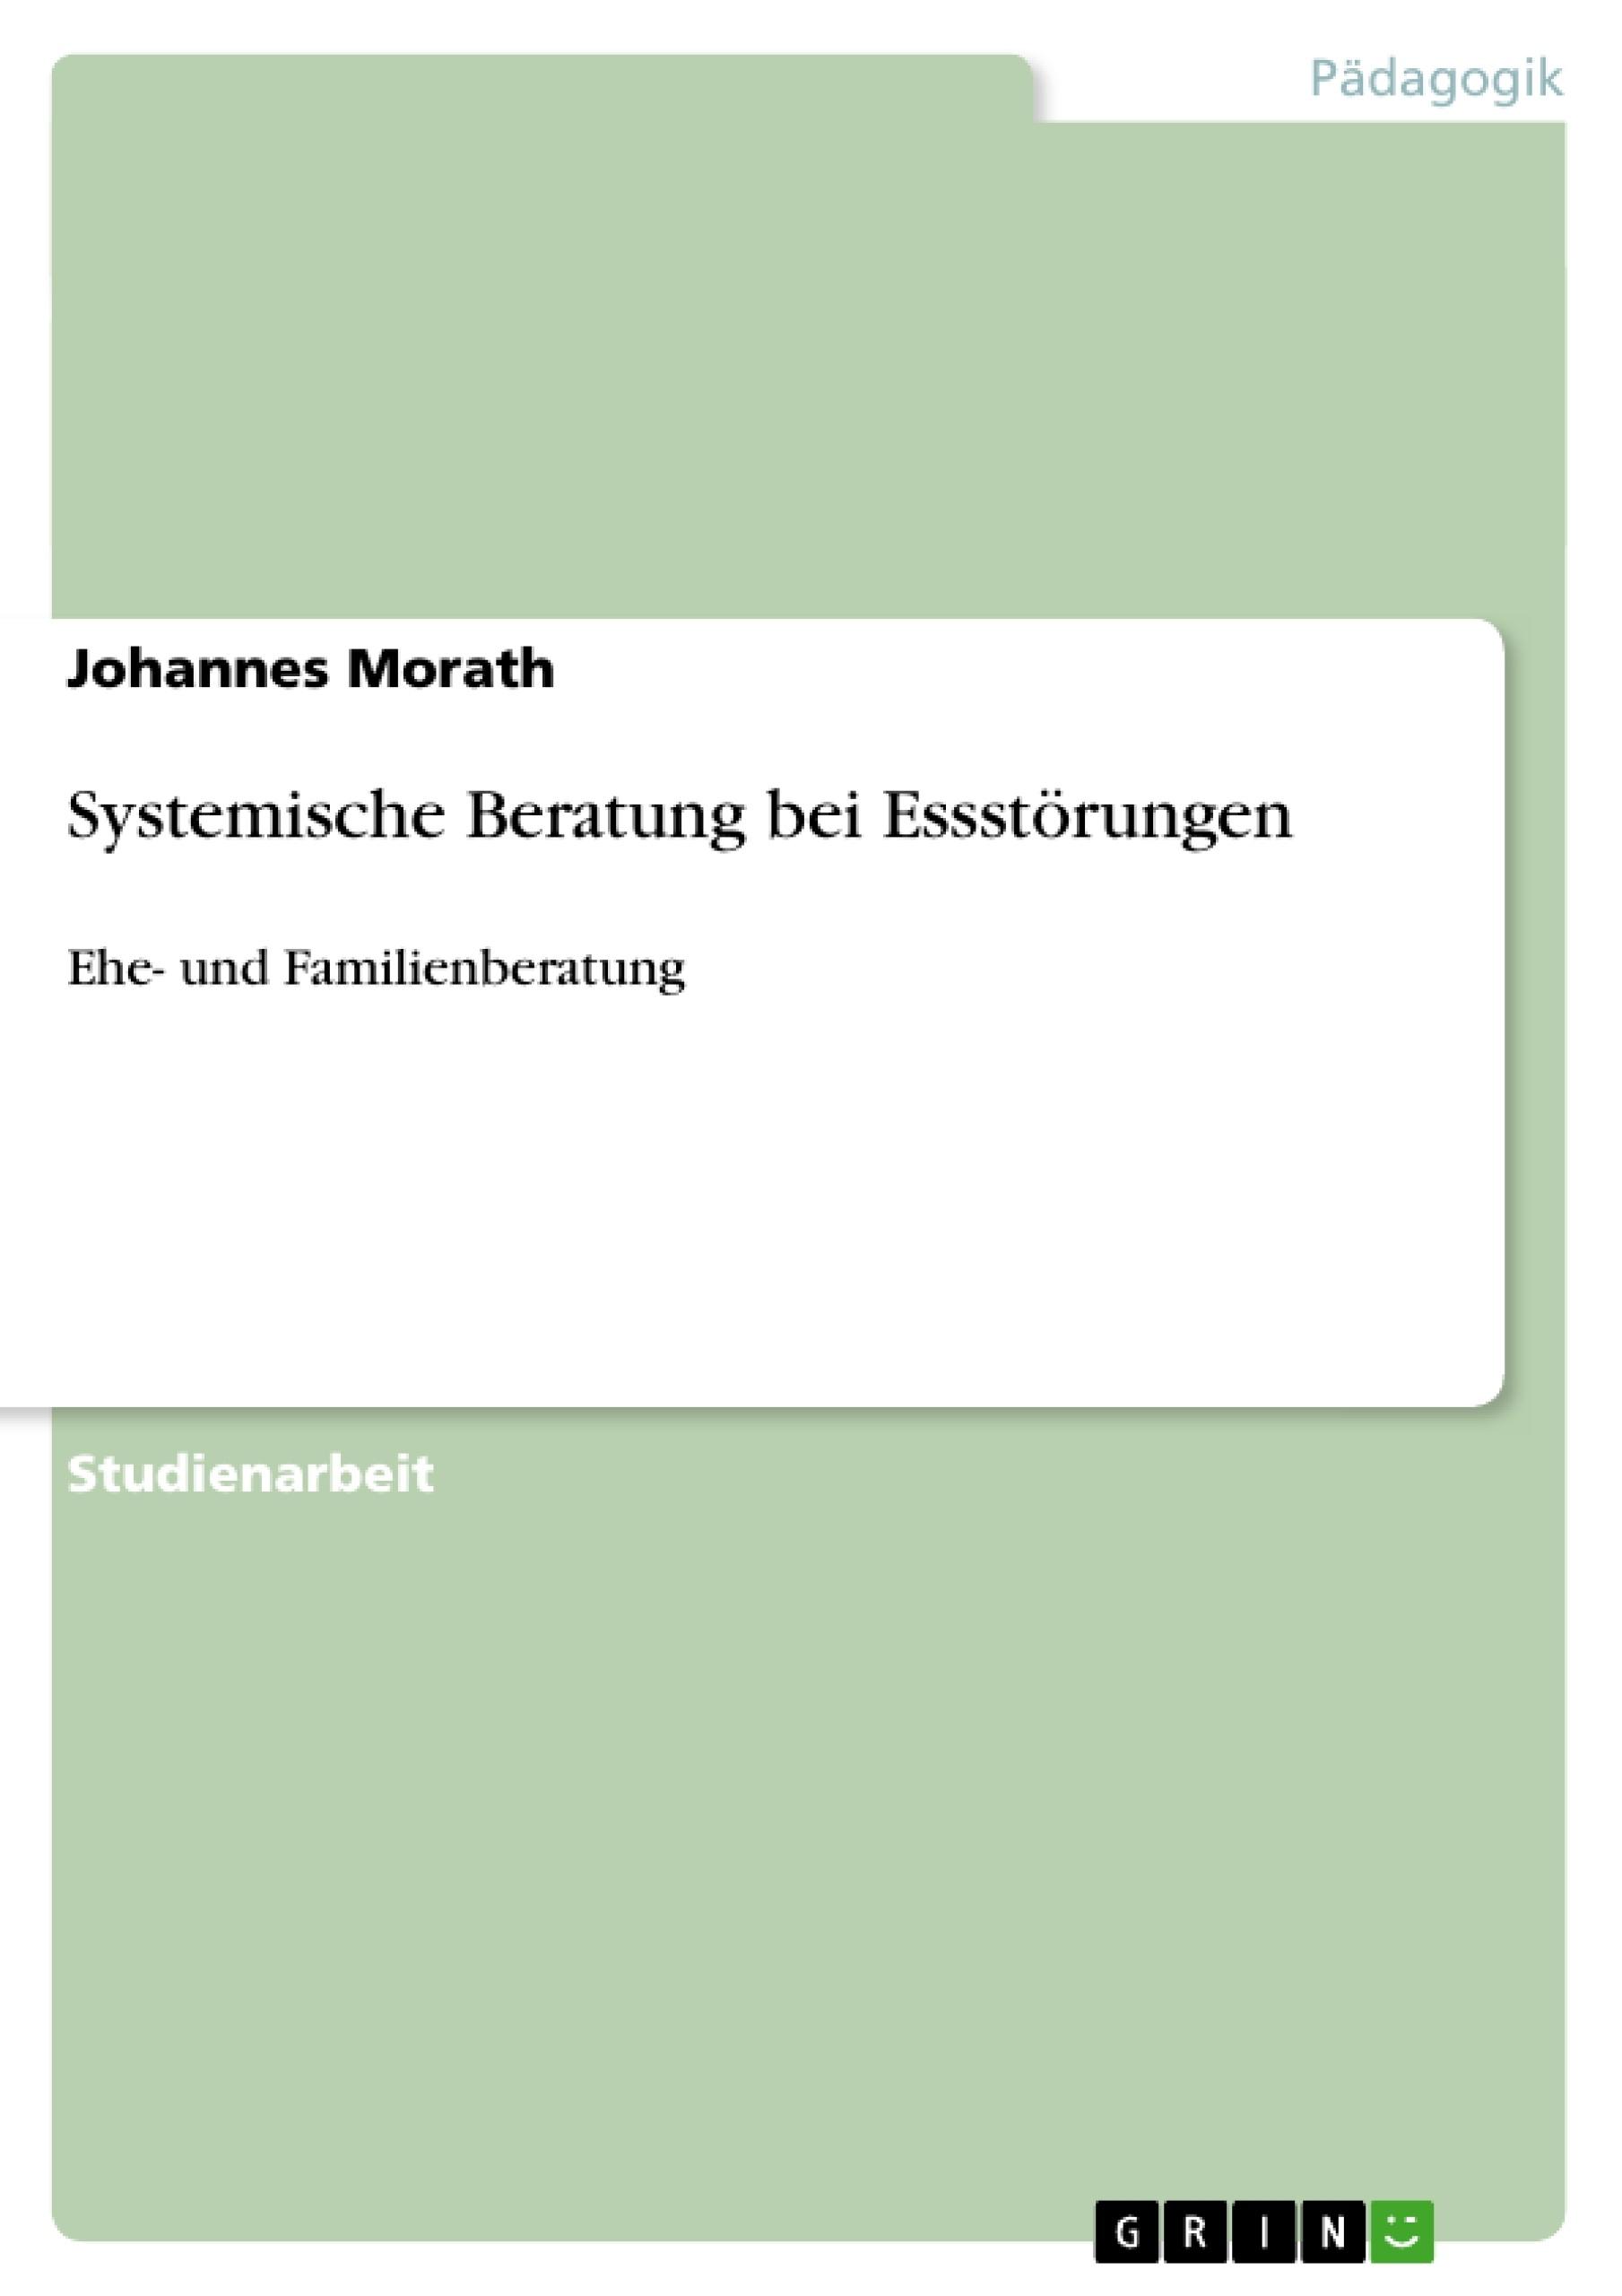 Titel: Systemische Beratung bei Essstörungen